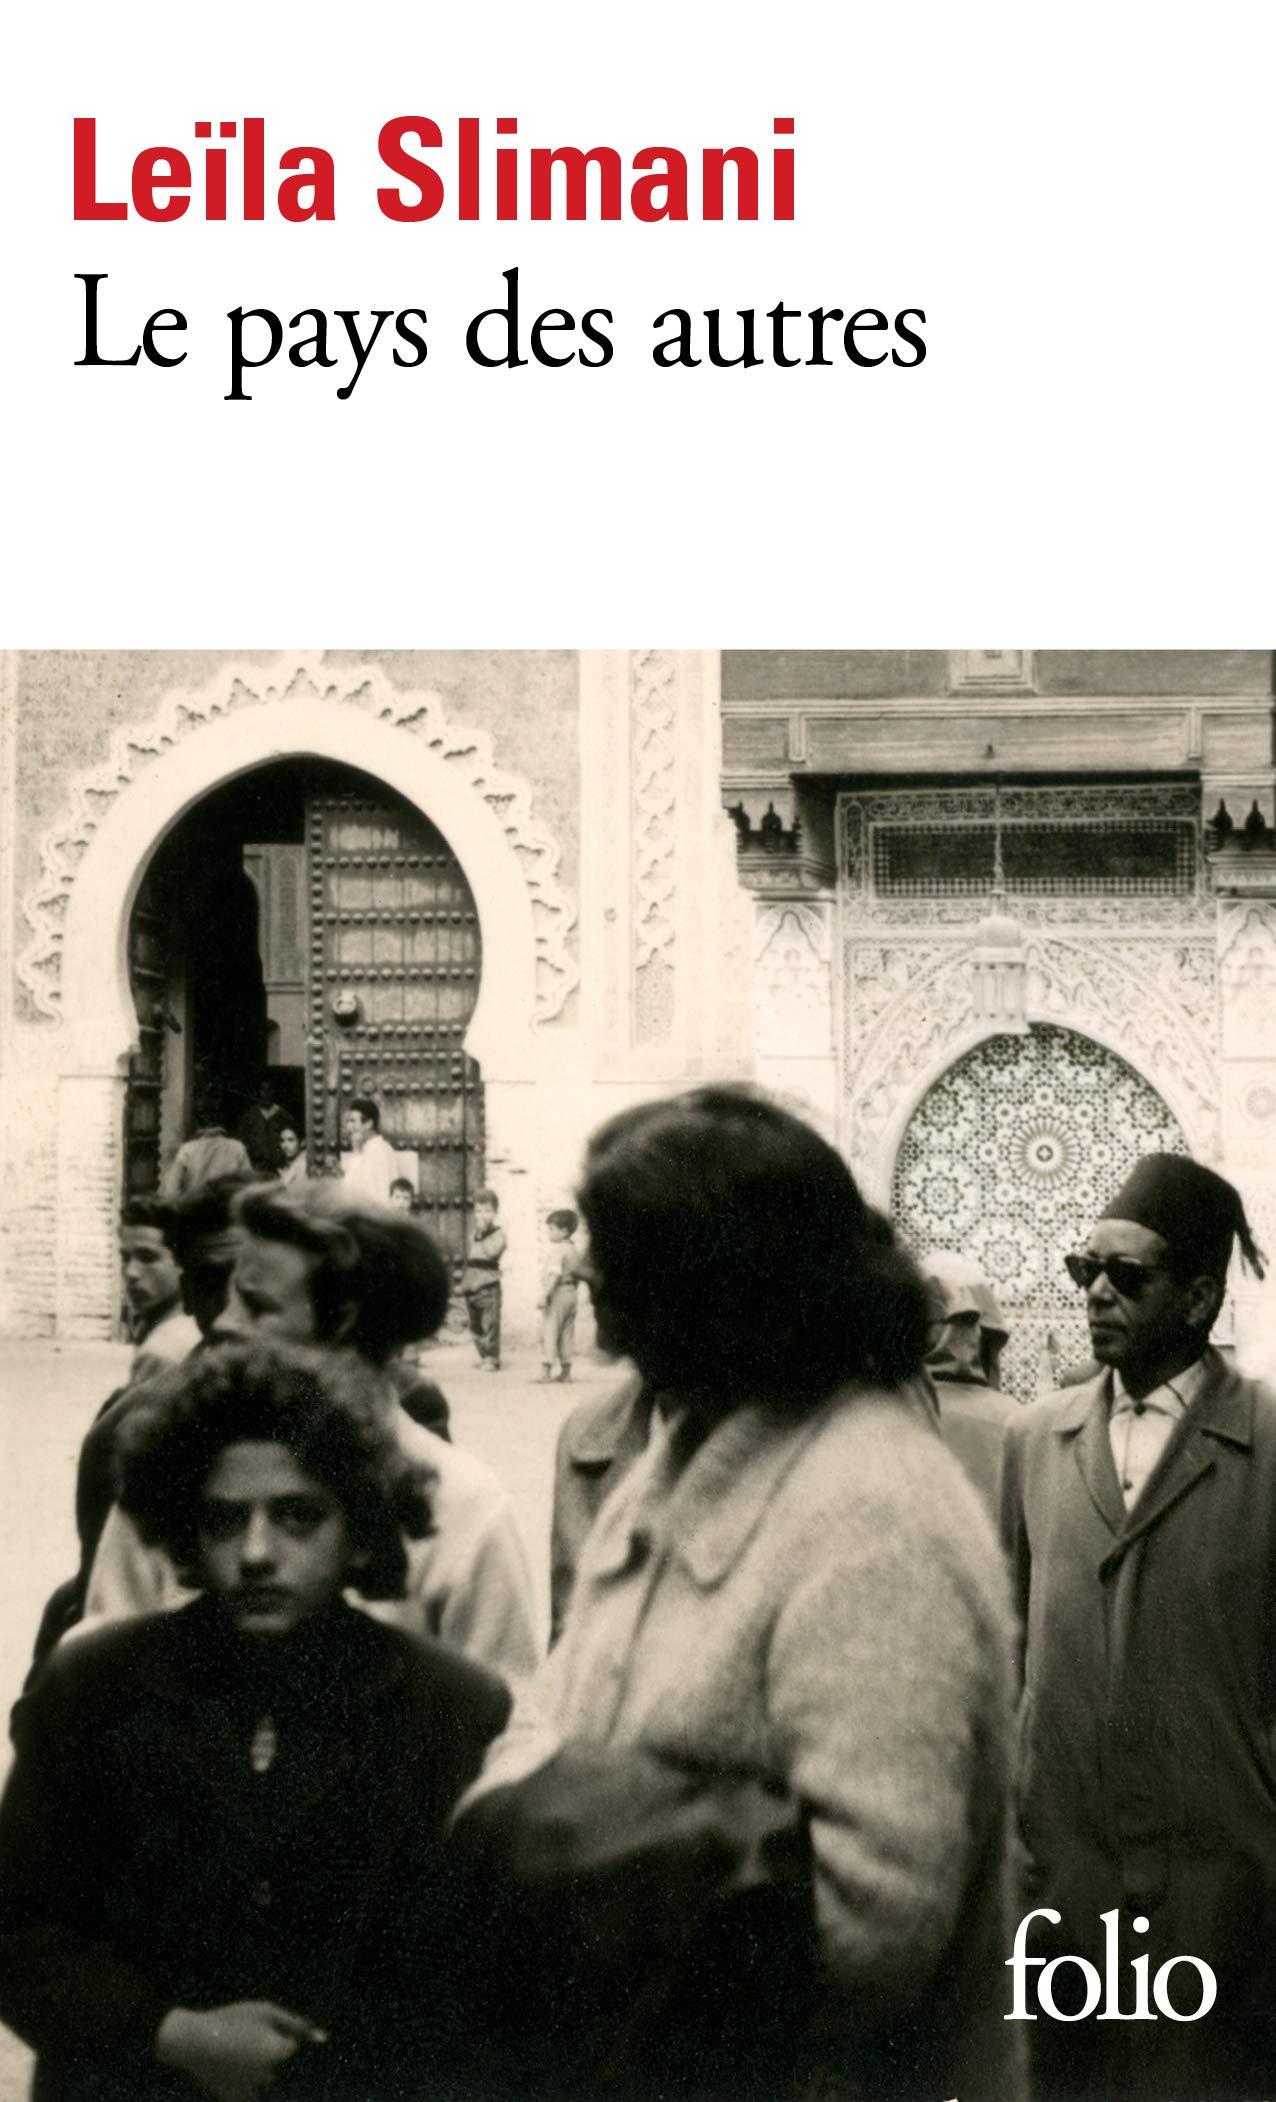 Cover: Leïla Slimani Le pays des autres